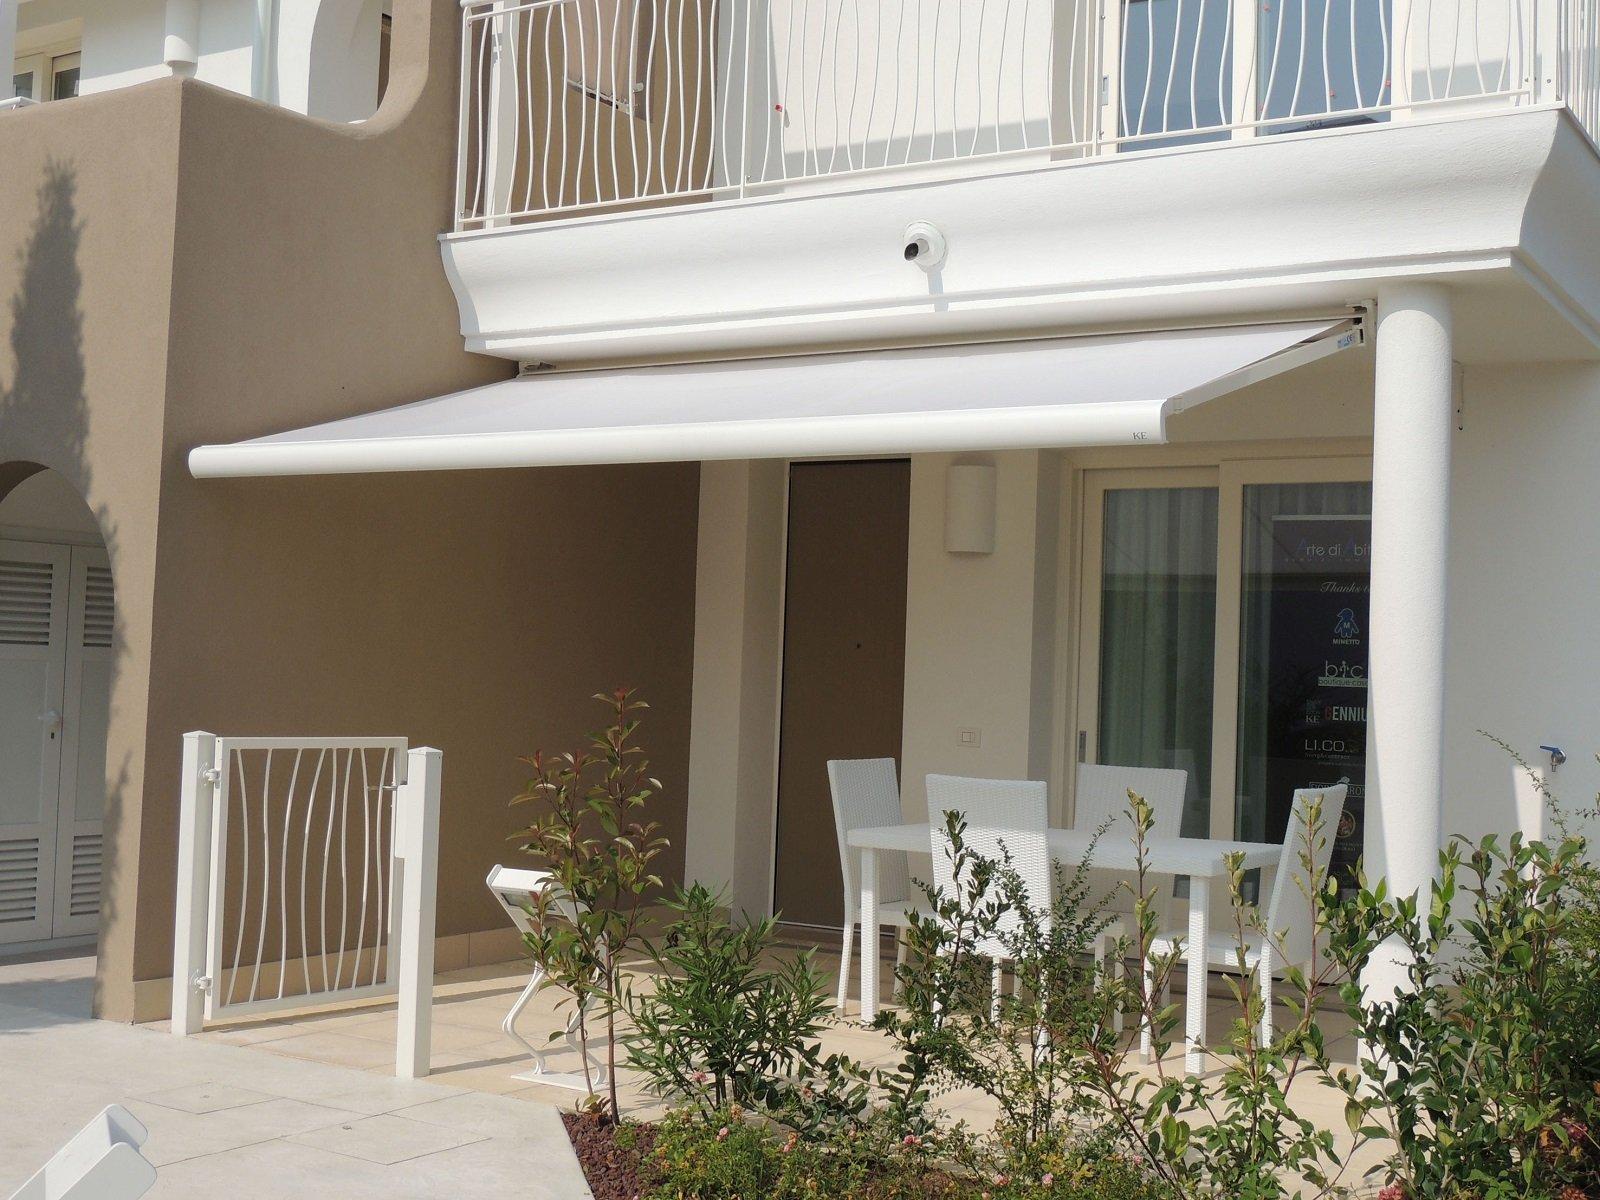 Tende Da Sole Per Balcone : Tende da sole per una casa che si amplia all esterno cose di casa